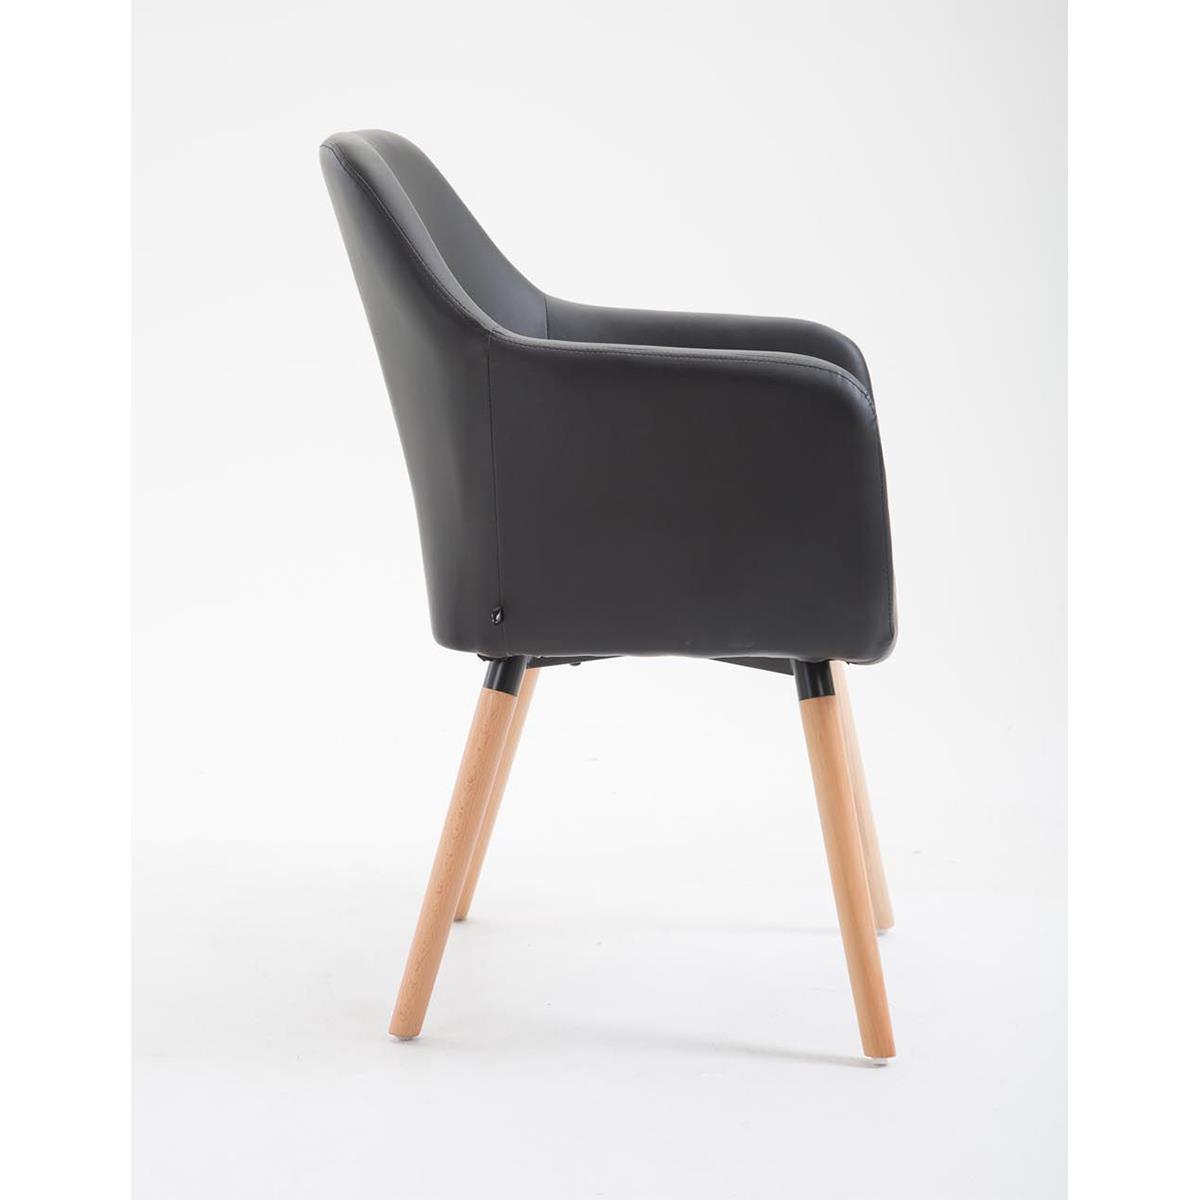 Sedia per sala d\'attesa NIEBLA PELLE, design sofisticato, in legno ...